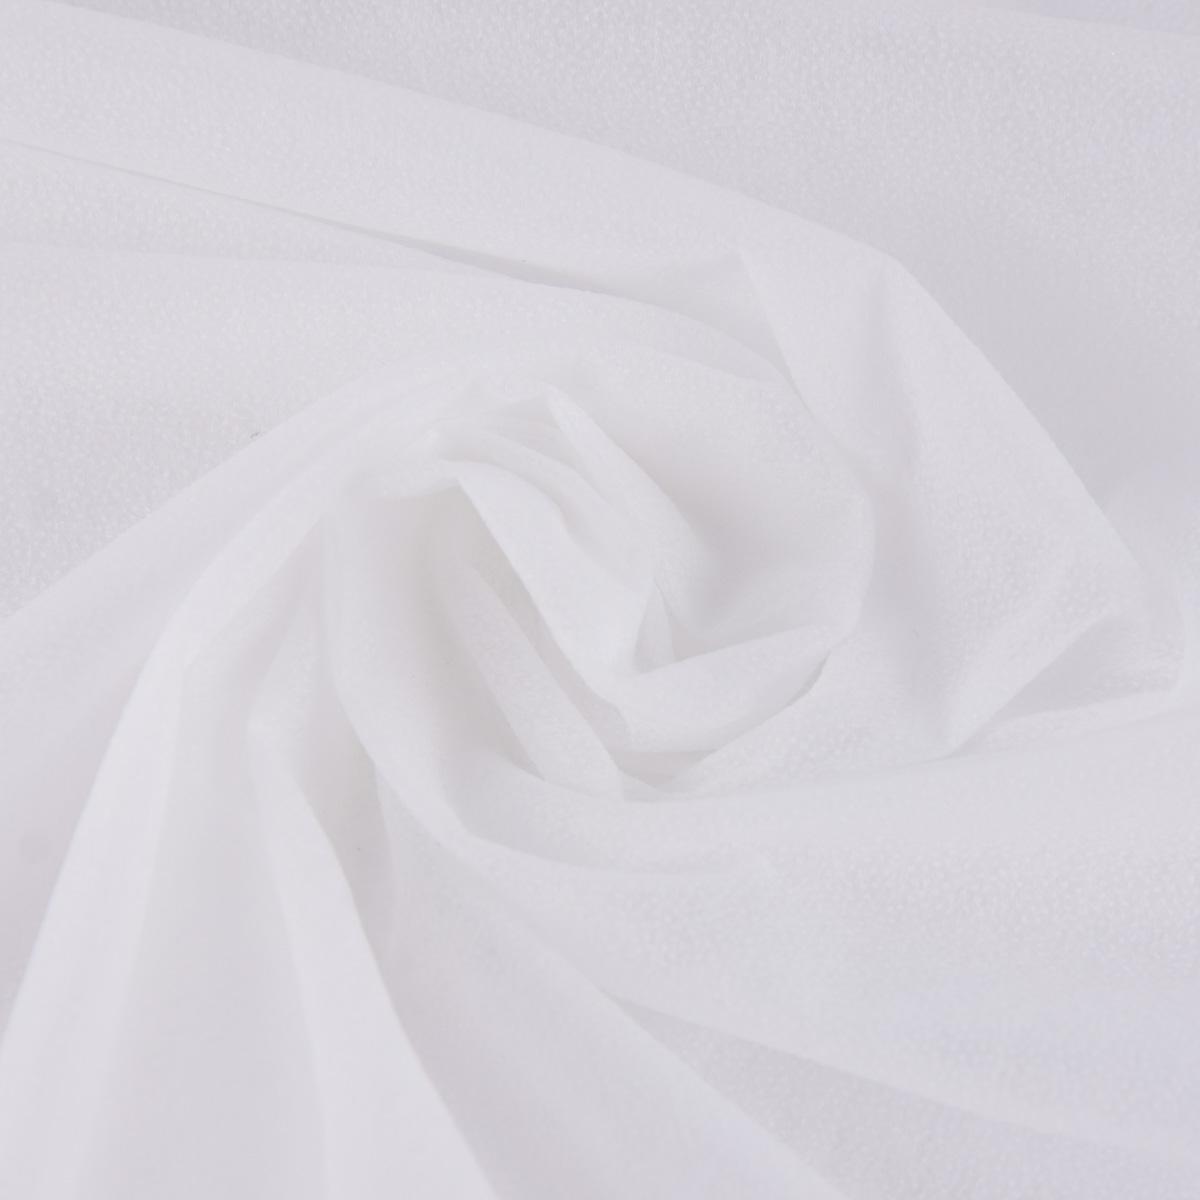 Vlieseline Bügelvlies H180 weiß 90cm Breite